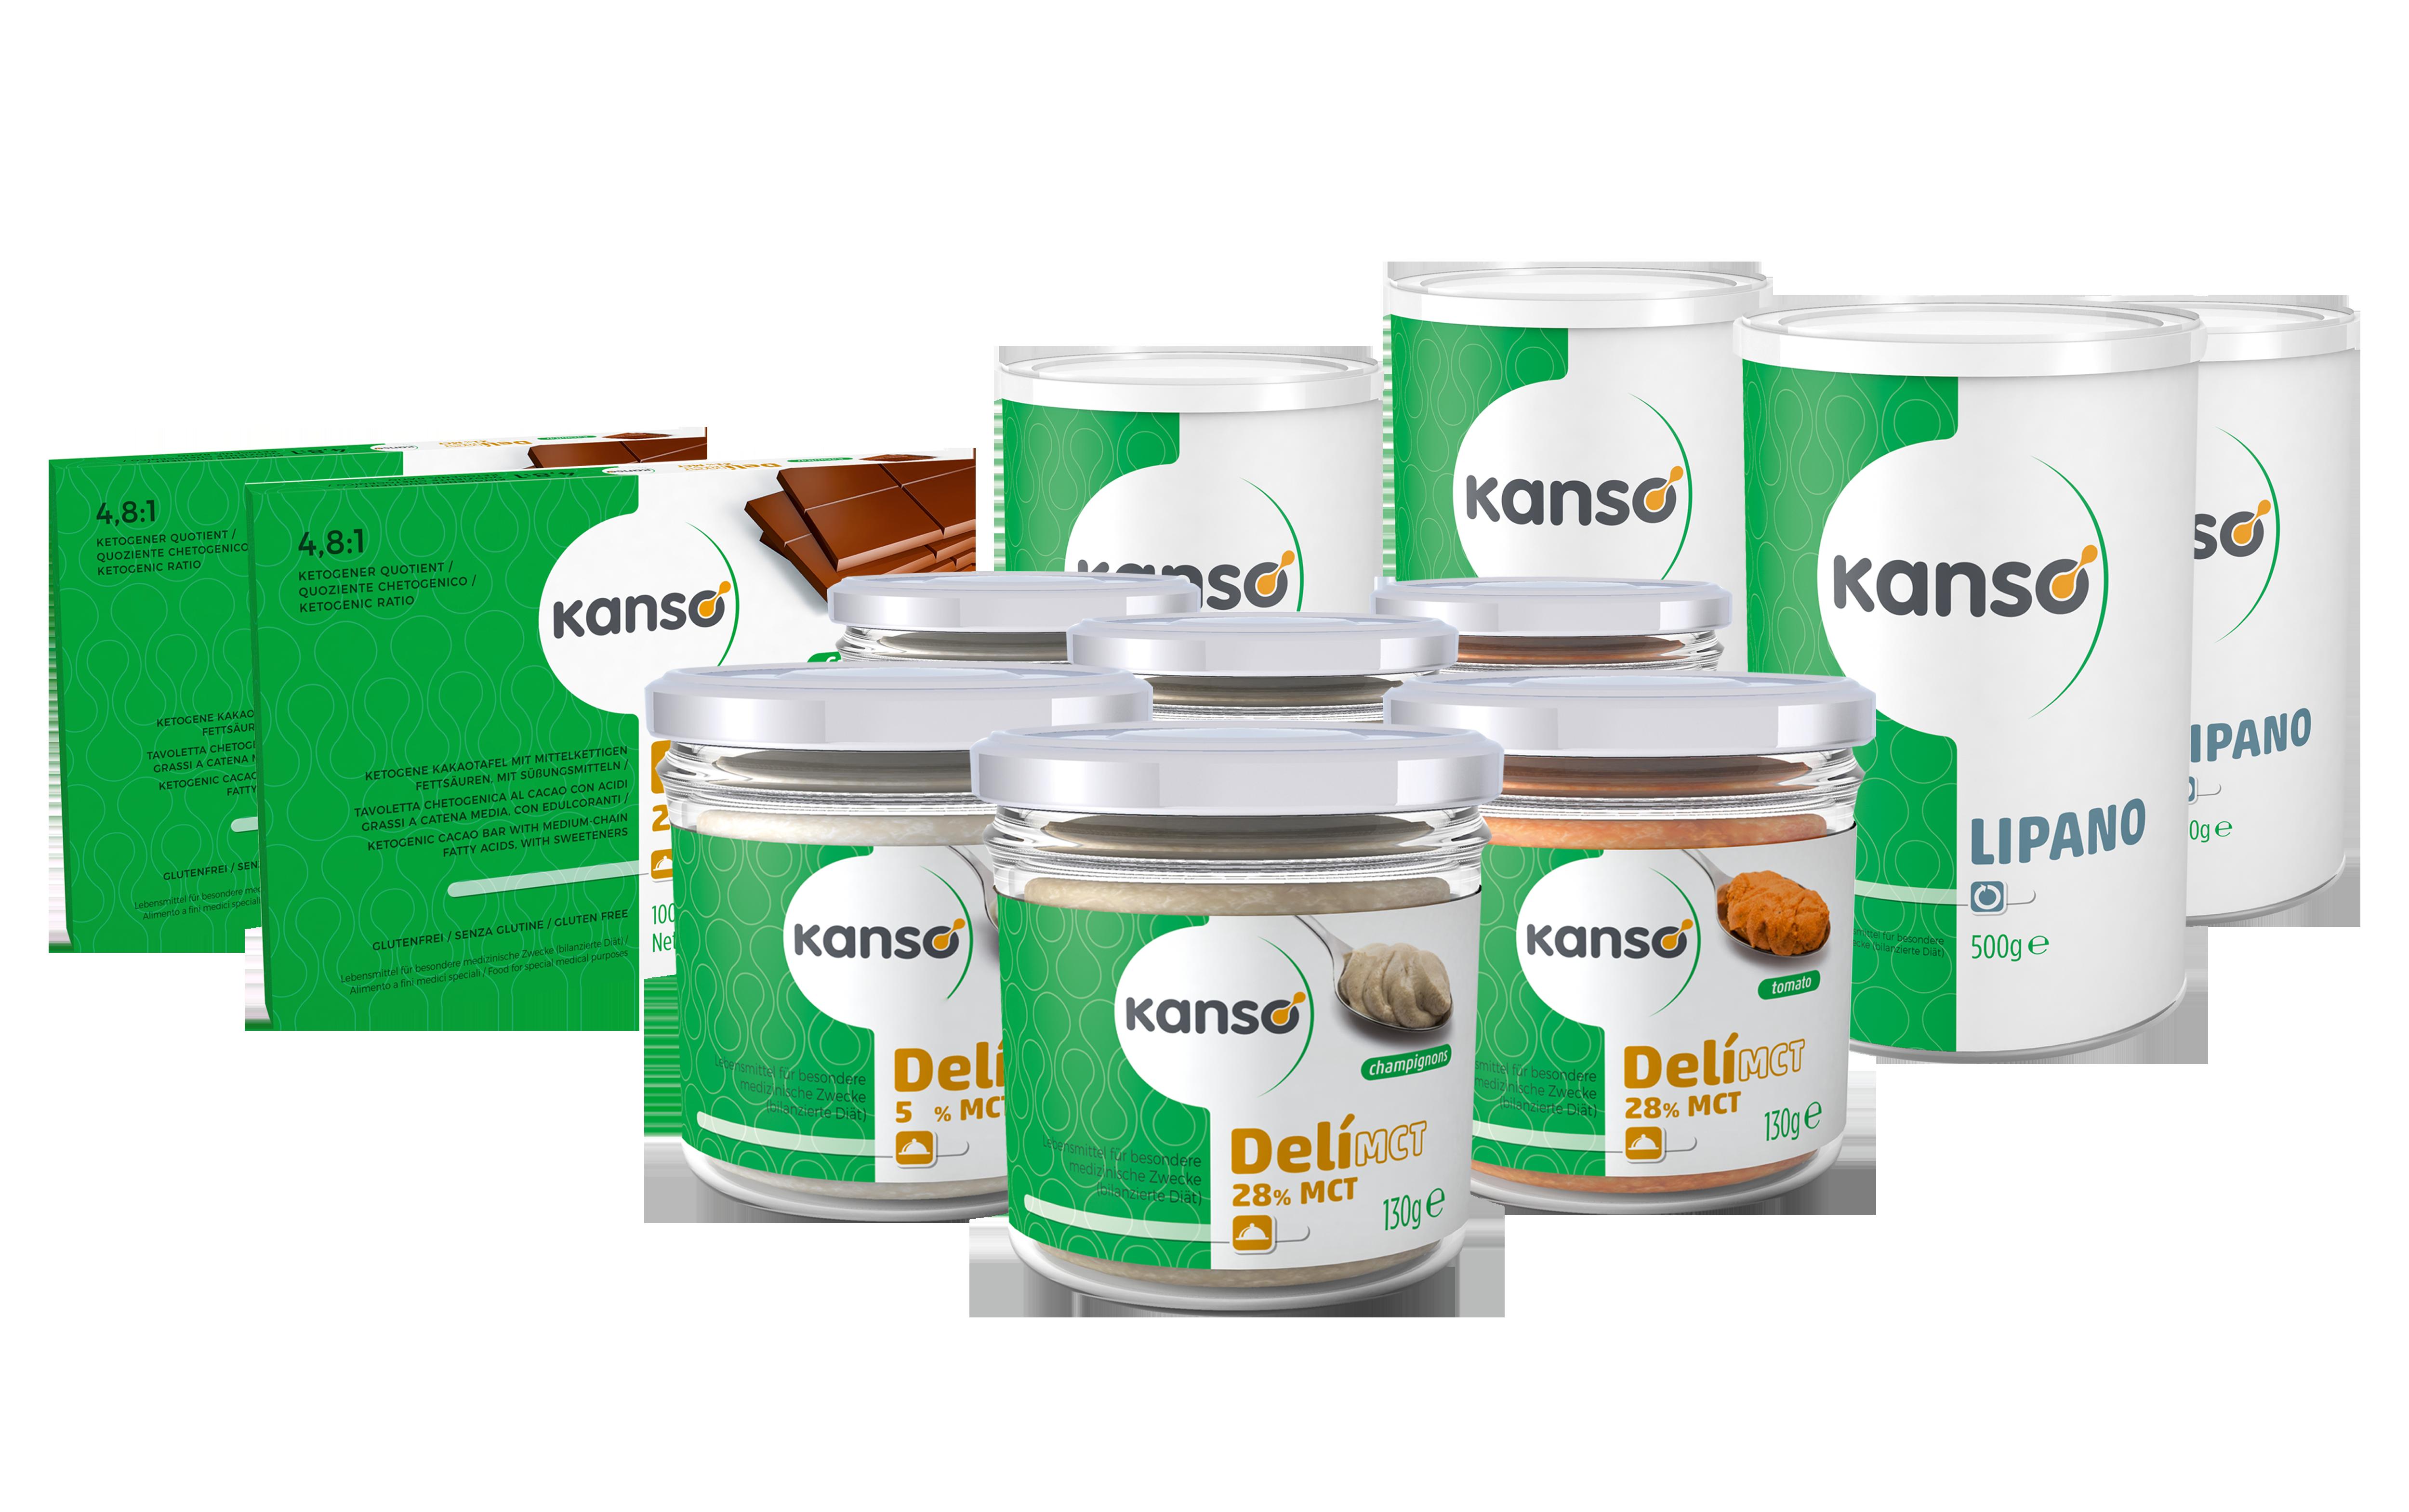 Kanso-01